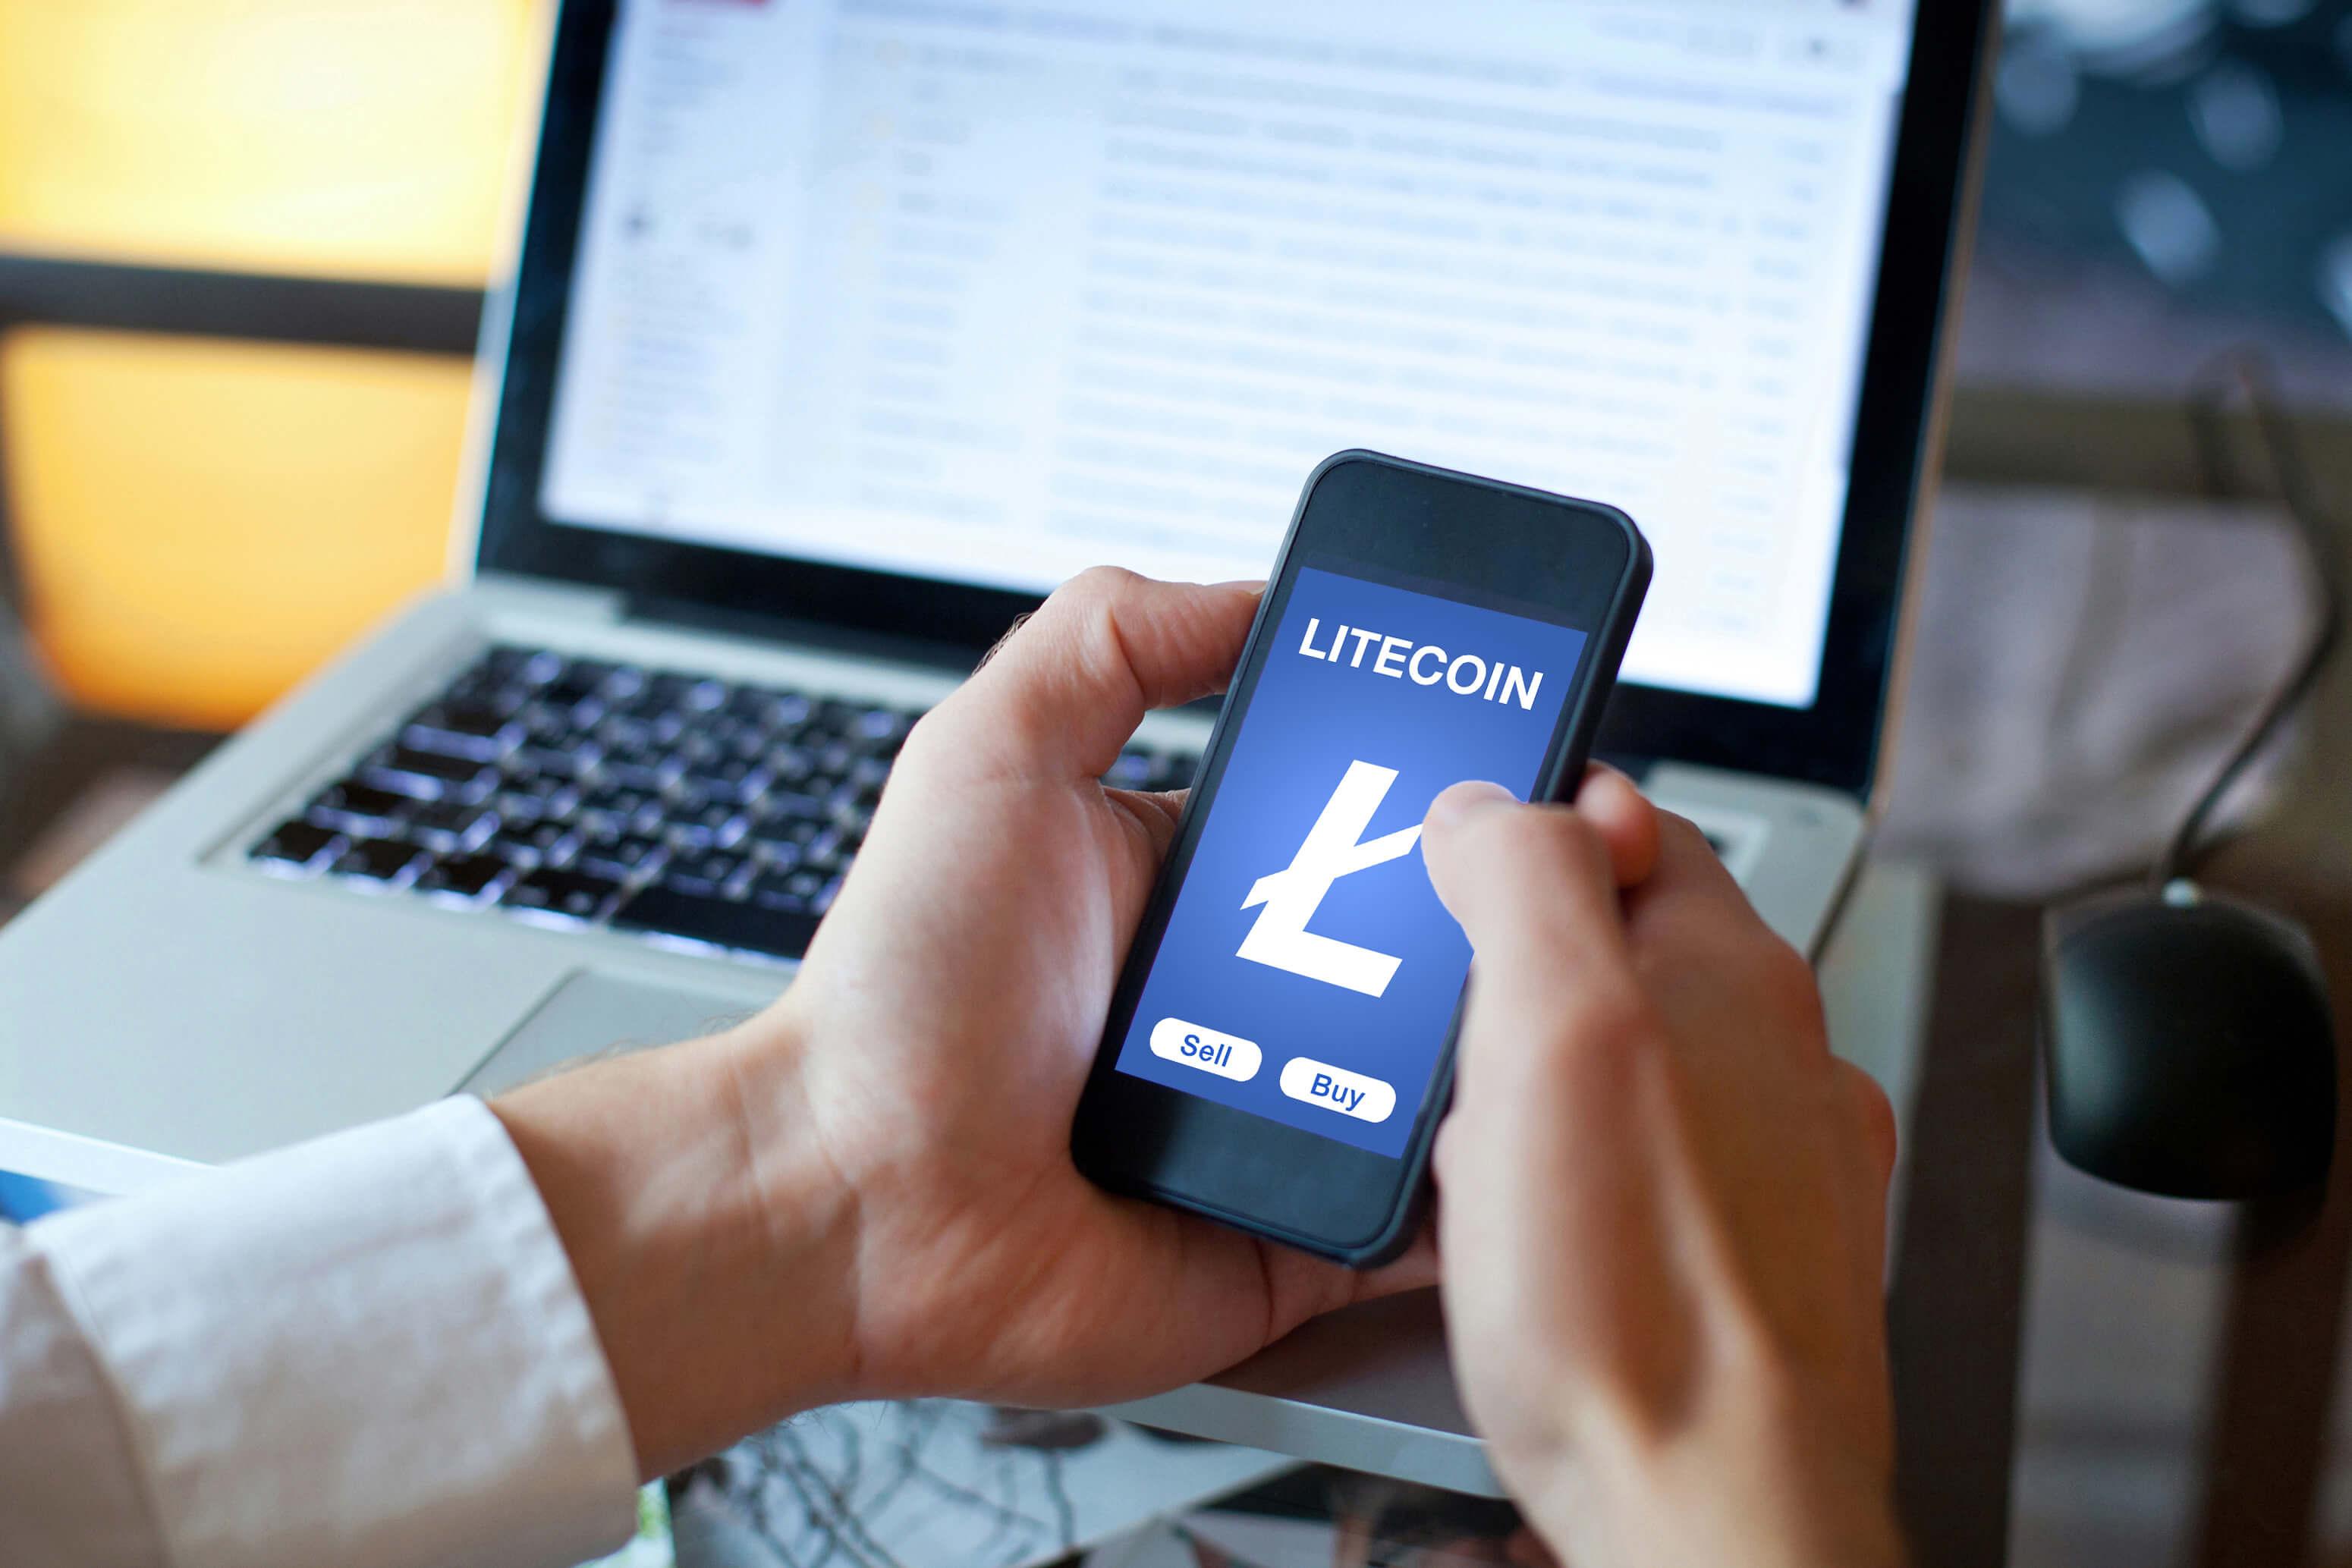 ライトコイン(LTC)購入方法・買い方・口座開設の流れを解説